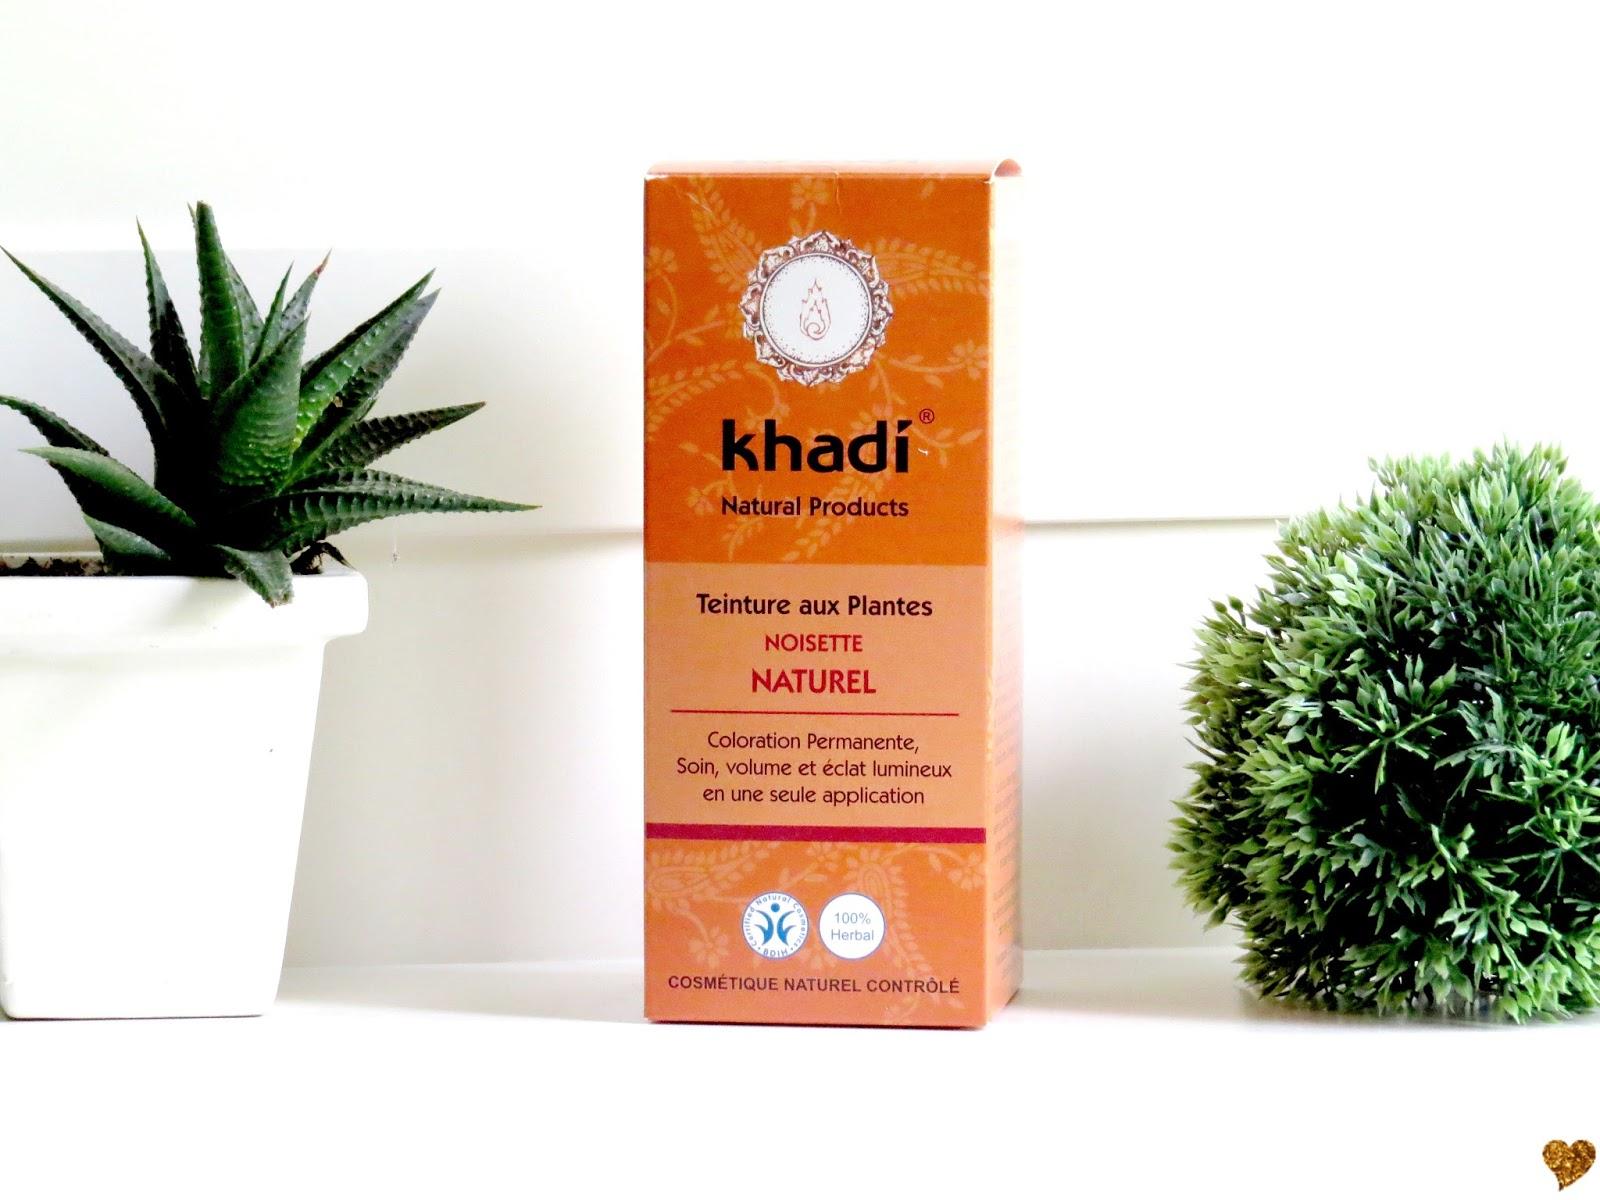 des cheveux au naturel avec la coloration vgtale de khadi - Coloration Vgtale Khadi